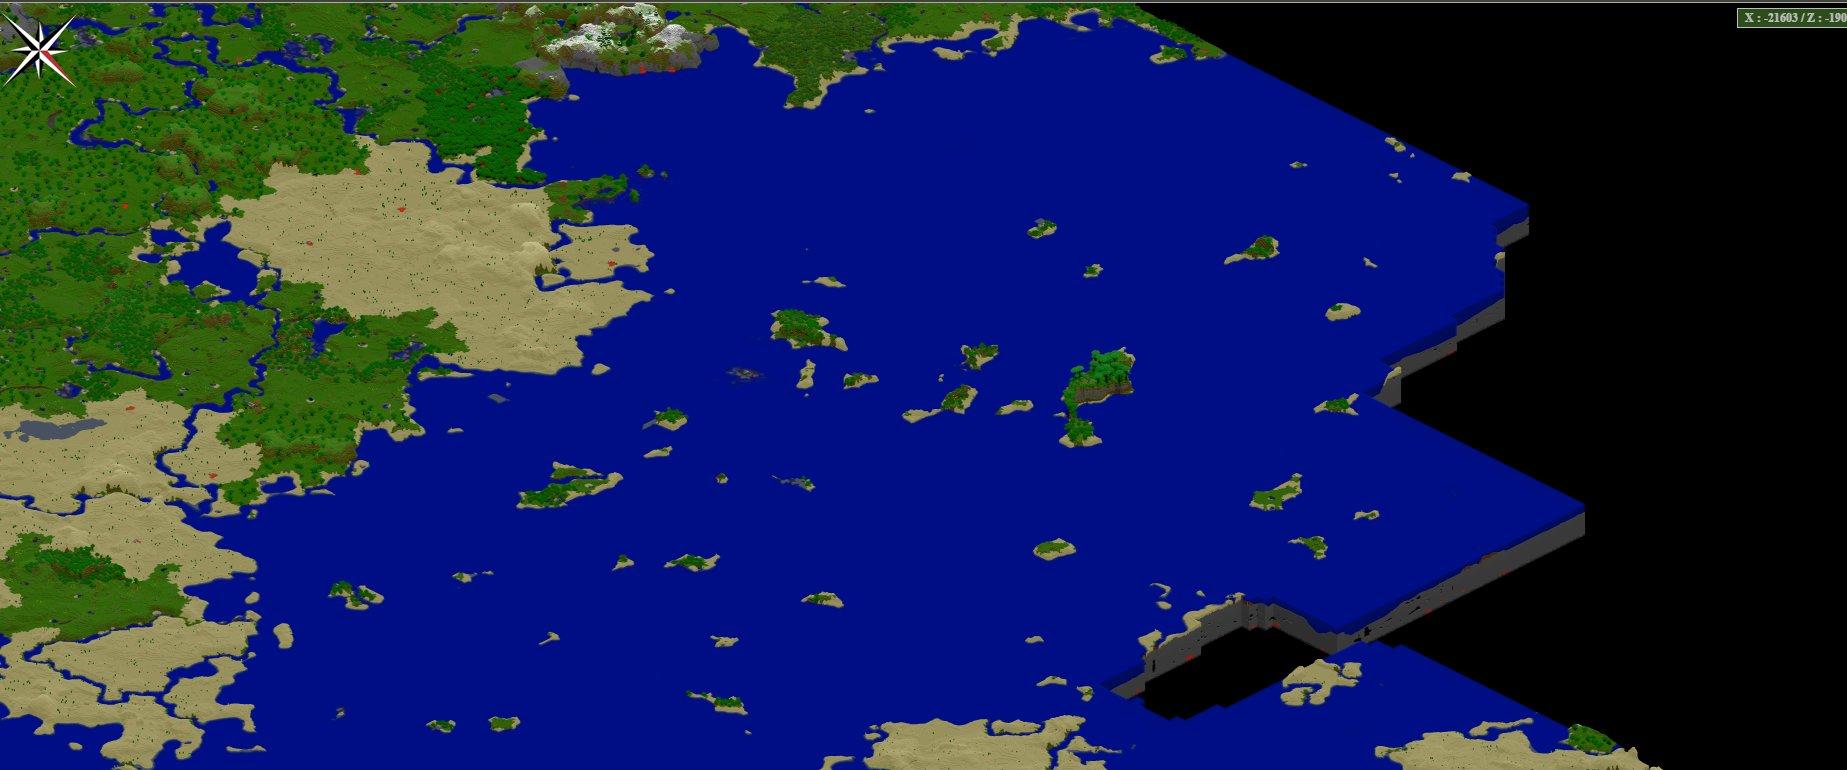 Great Inagua : La baie des pirates - Page 2 F1728db1-39d0-4aca-b67c-1560c0cf2791